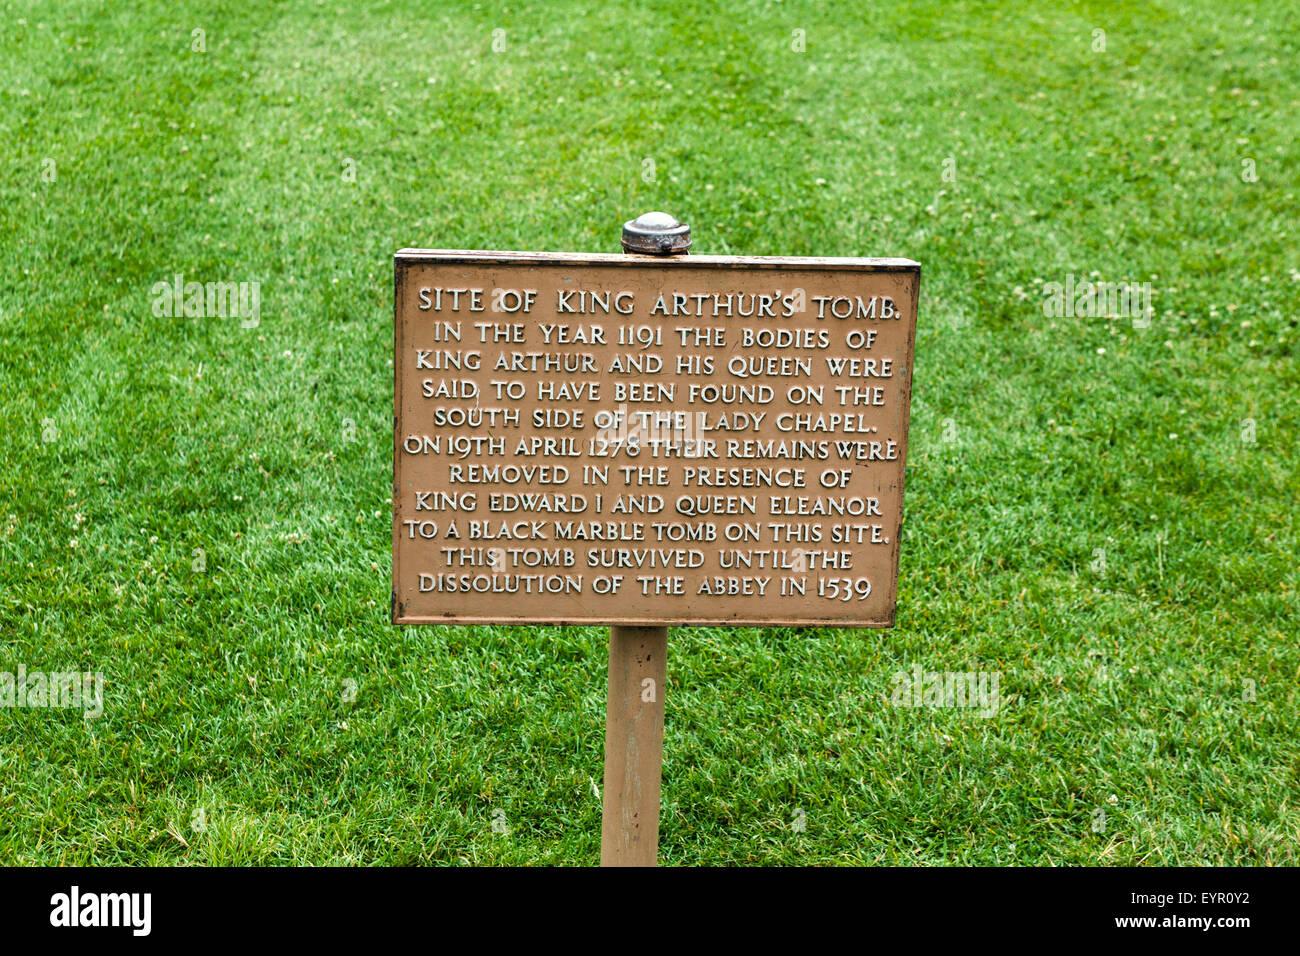 Sign marking the site of King Arthur's tomb, Glastonbury Abbey, Glastonbury, Somerset, England, UK - Stock Image